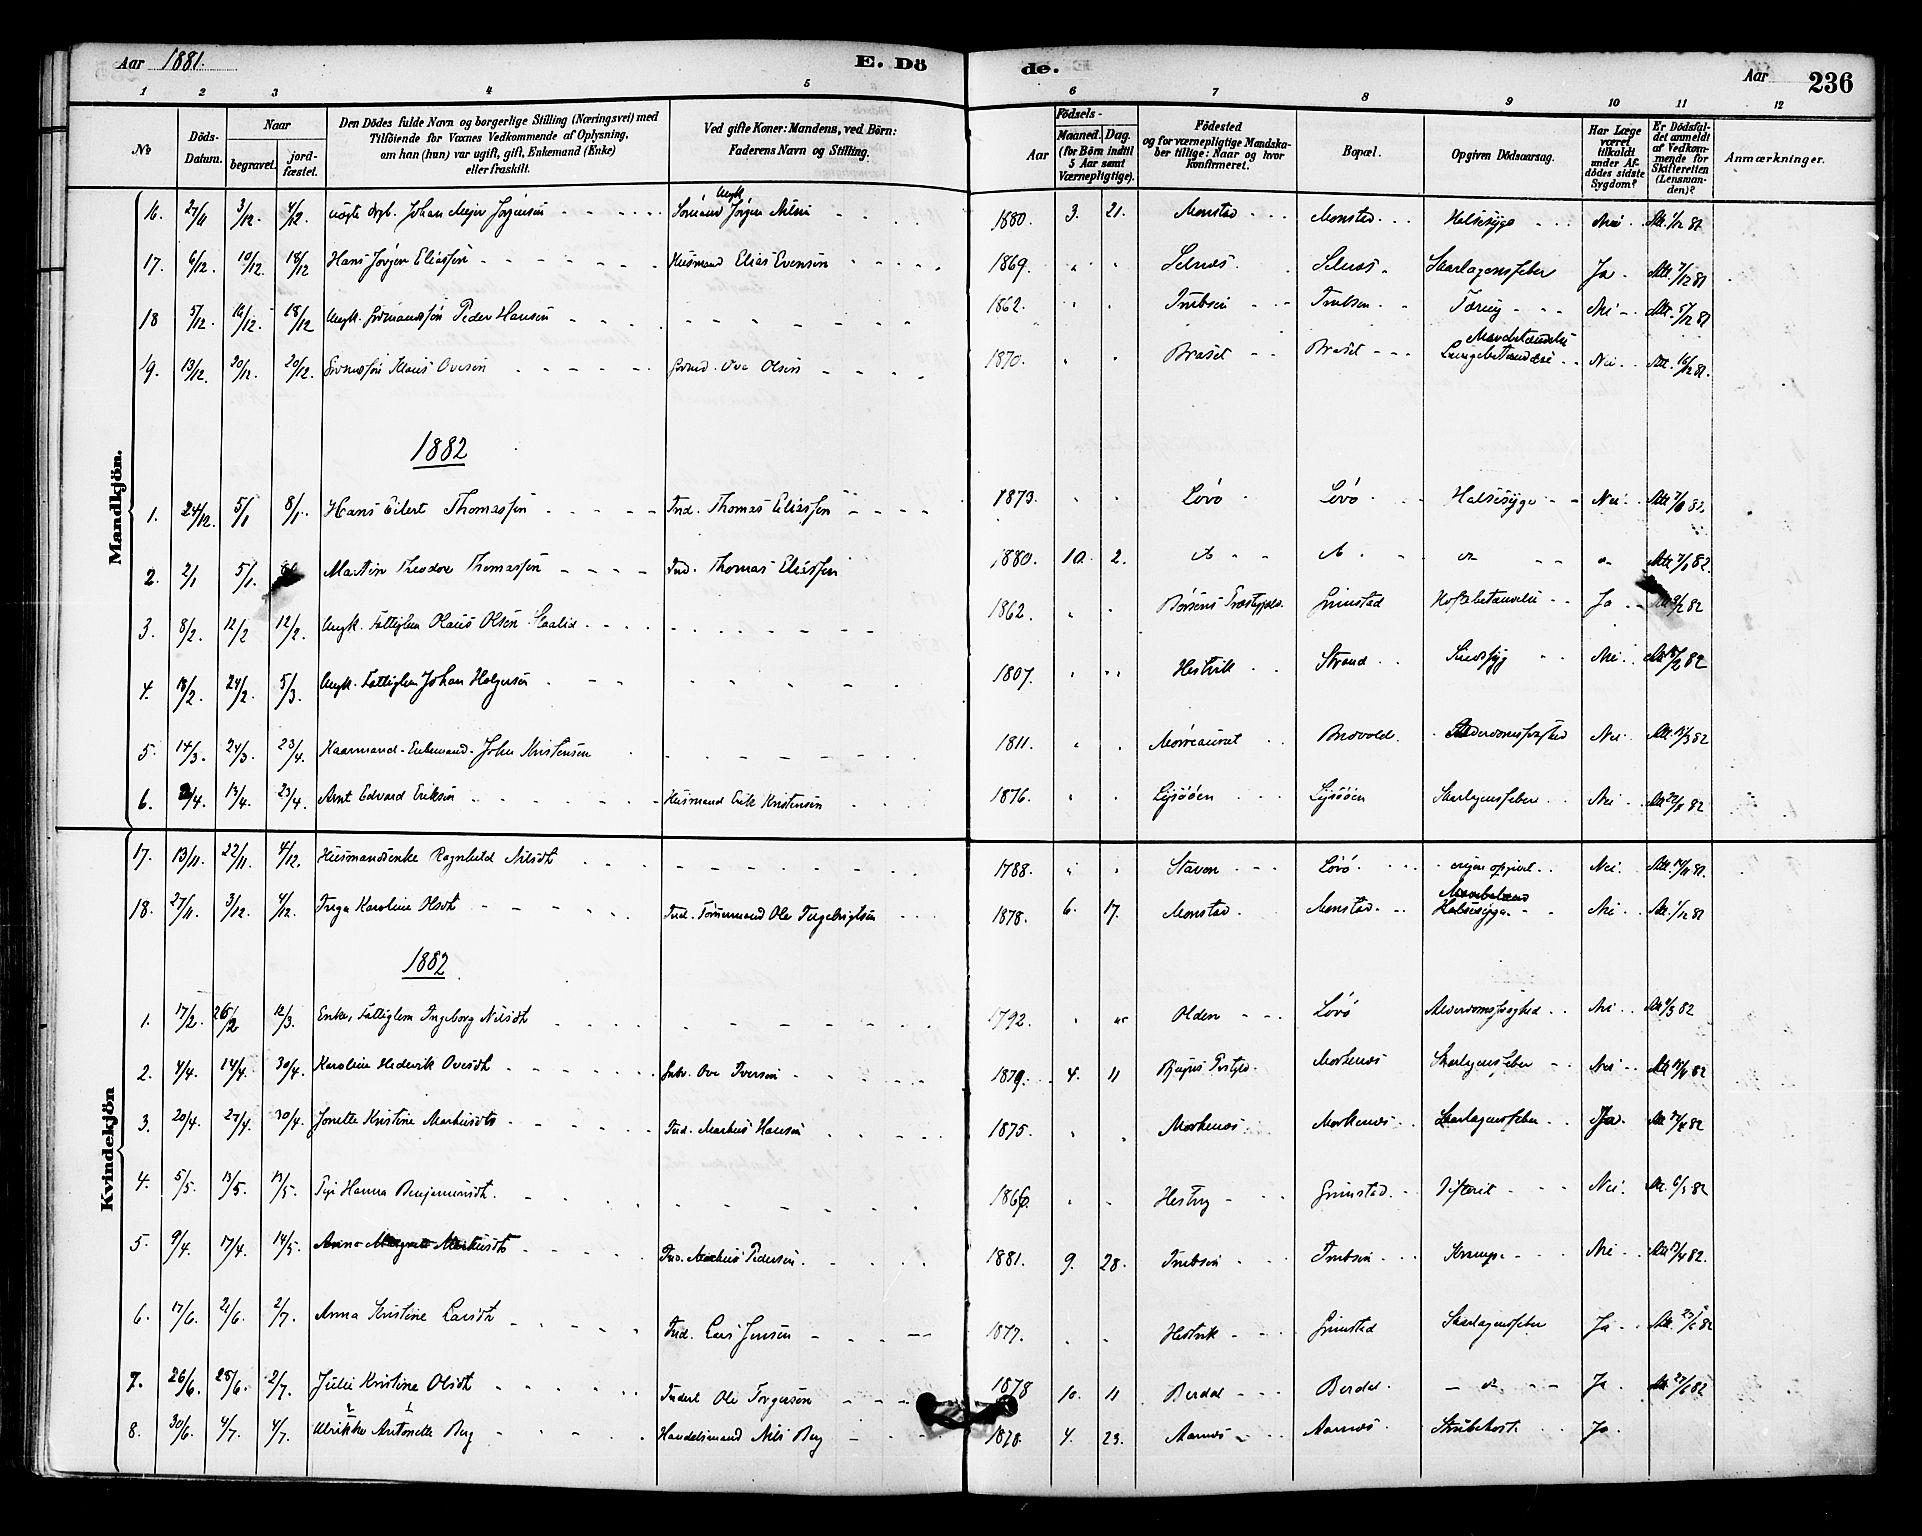 SAT, Ministerialprotokoller, klokkerbøker og fødselsregistre - Sør-Trøndelag, 655/L0680: Ministerialbok nr. 655A09, 1880-1894, s. 236